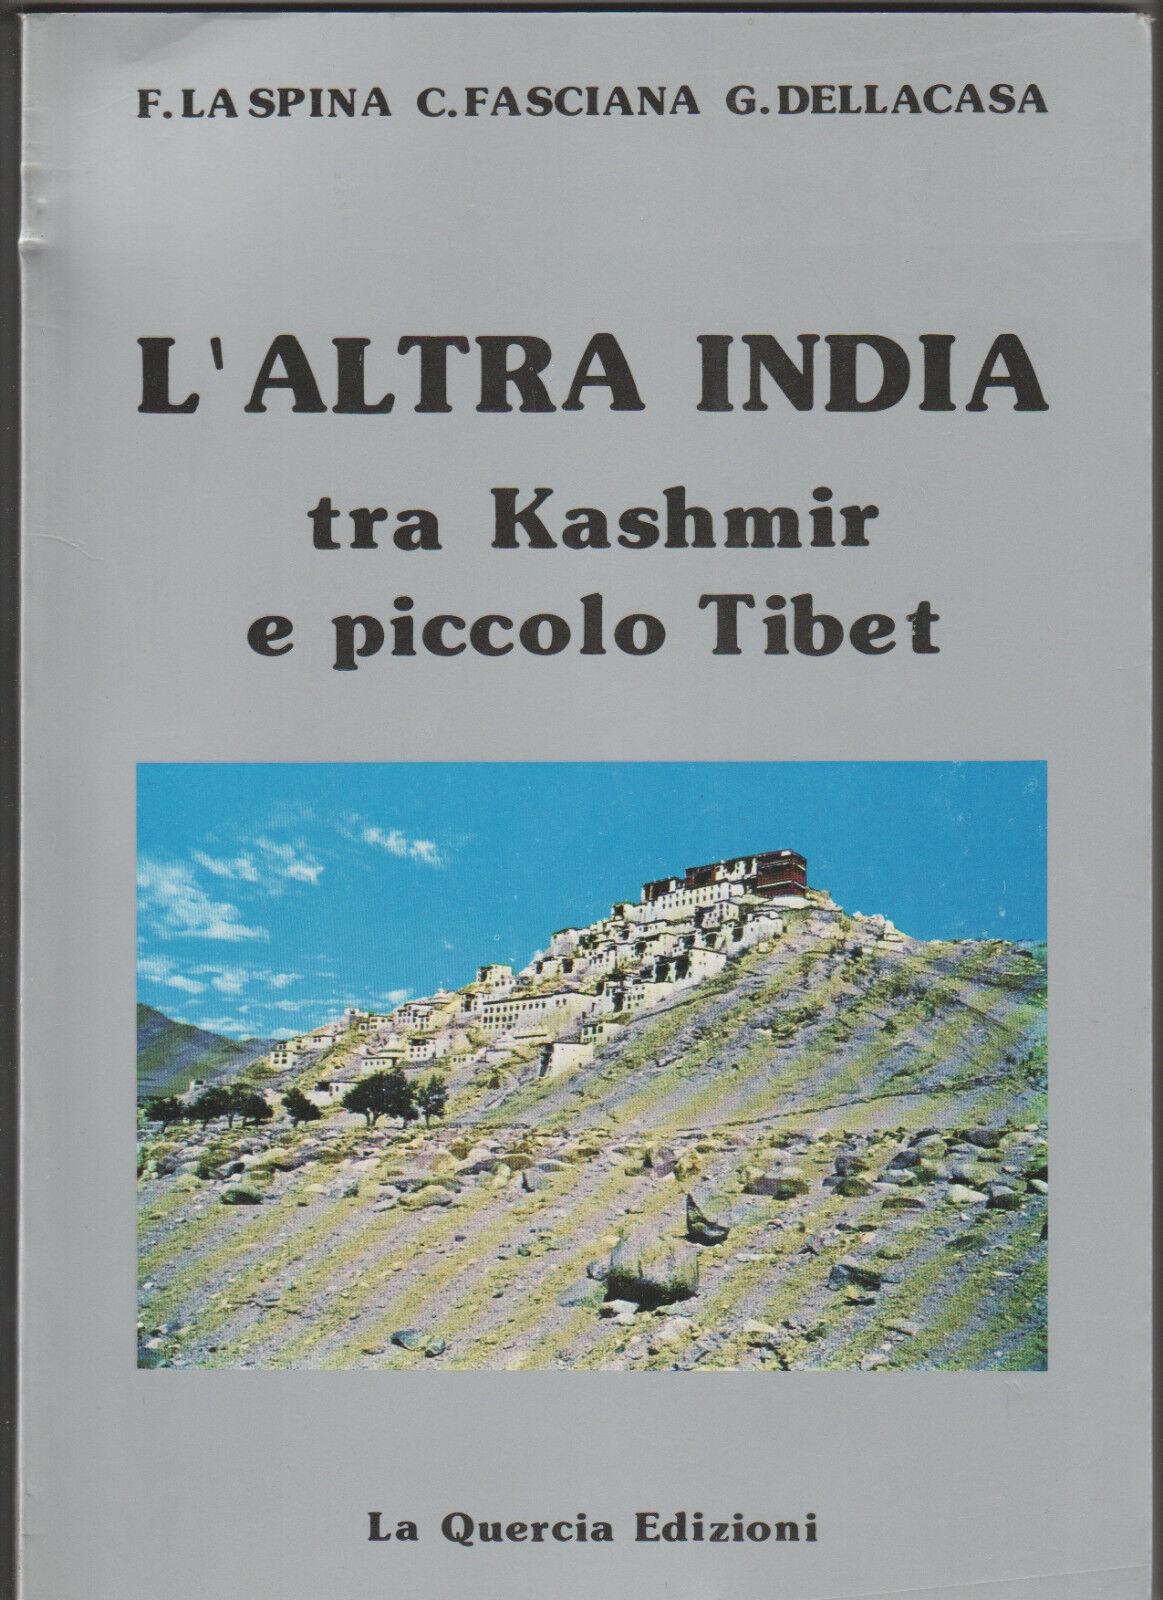 L'altra India tra Kashmir e piccolo Tibet